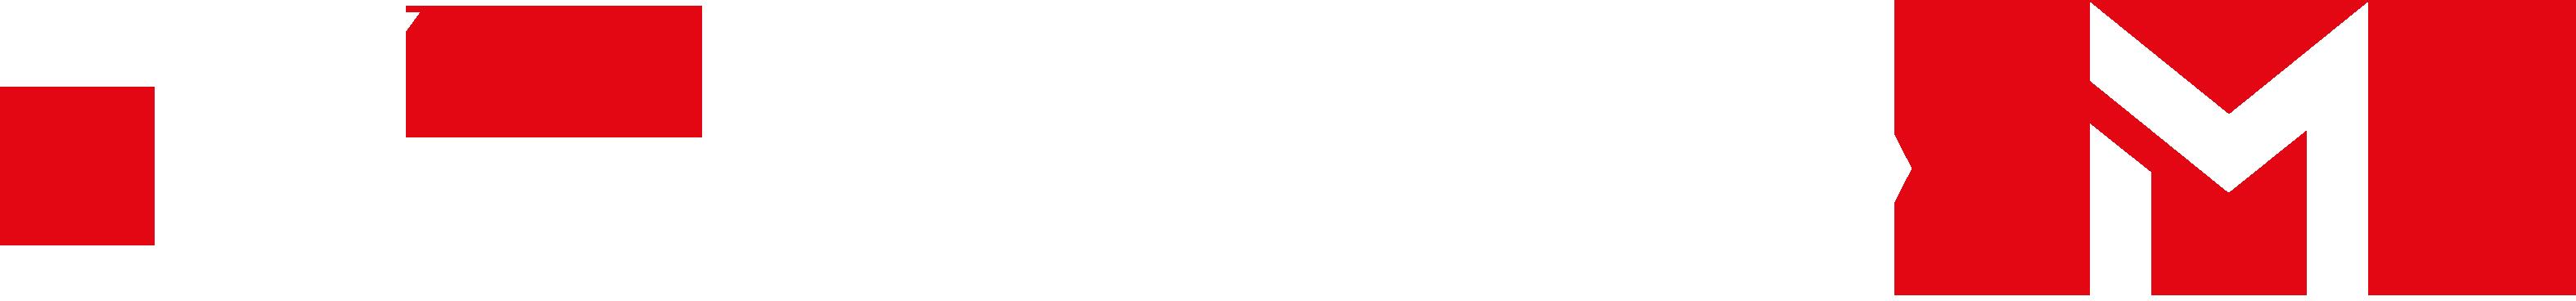 Logo Your Team_V2